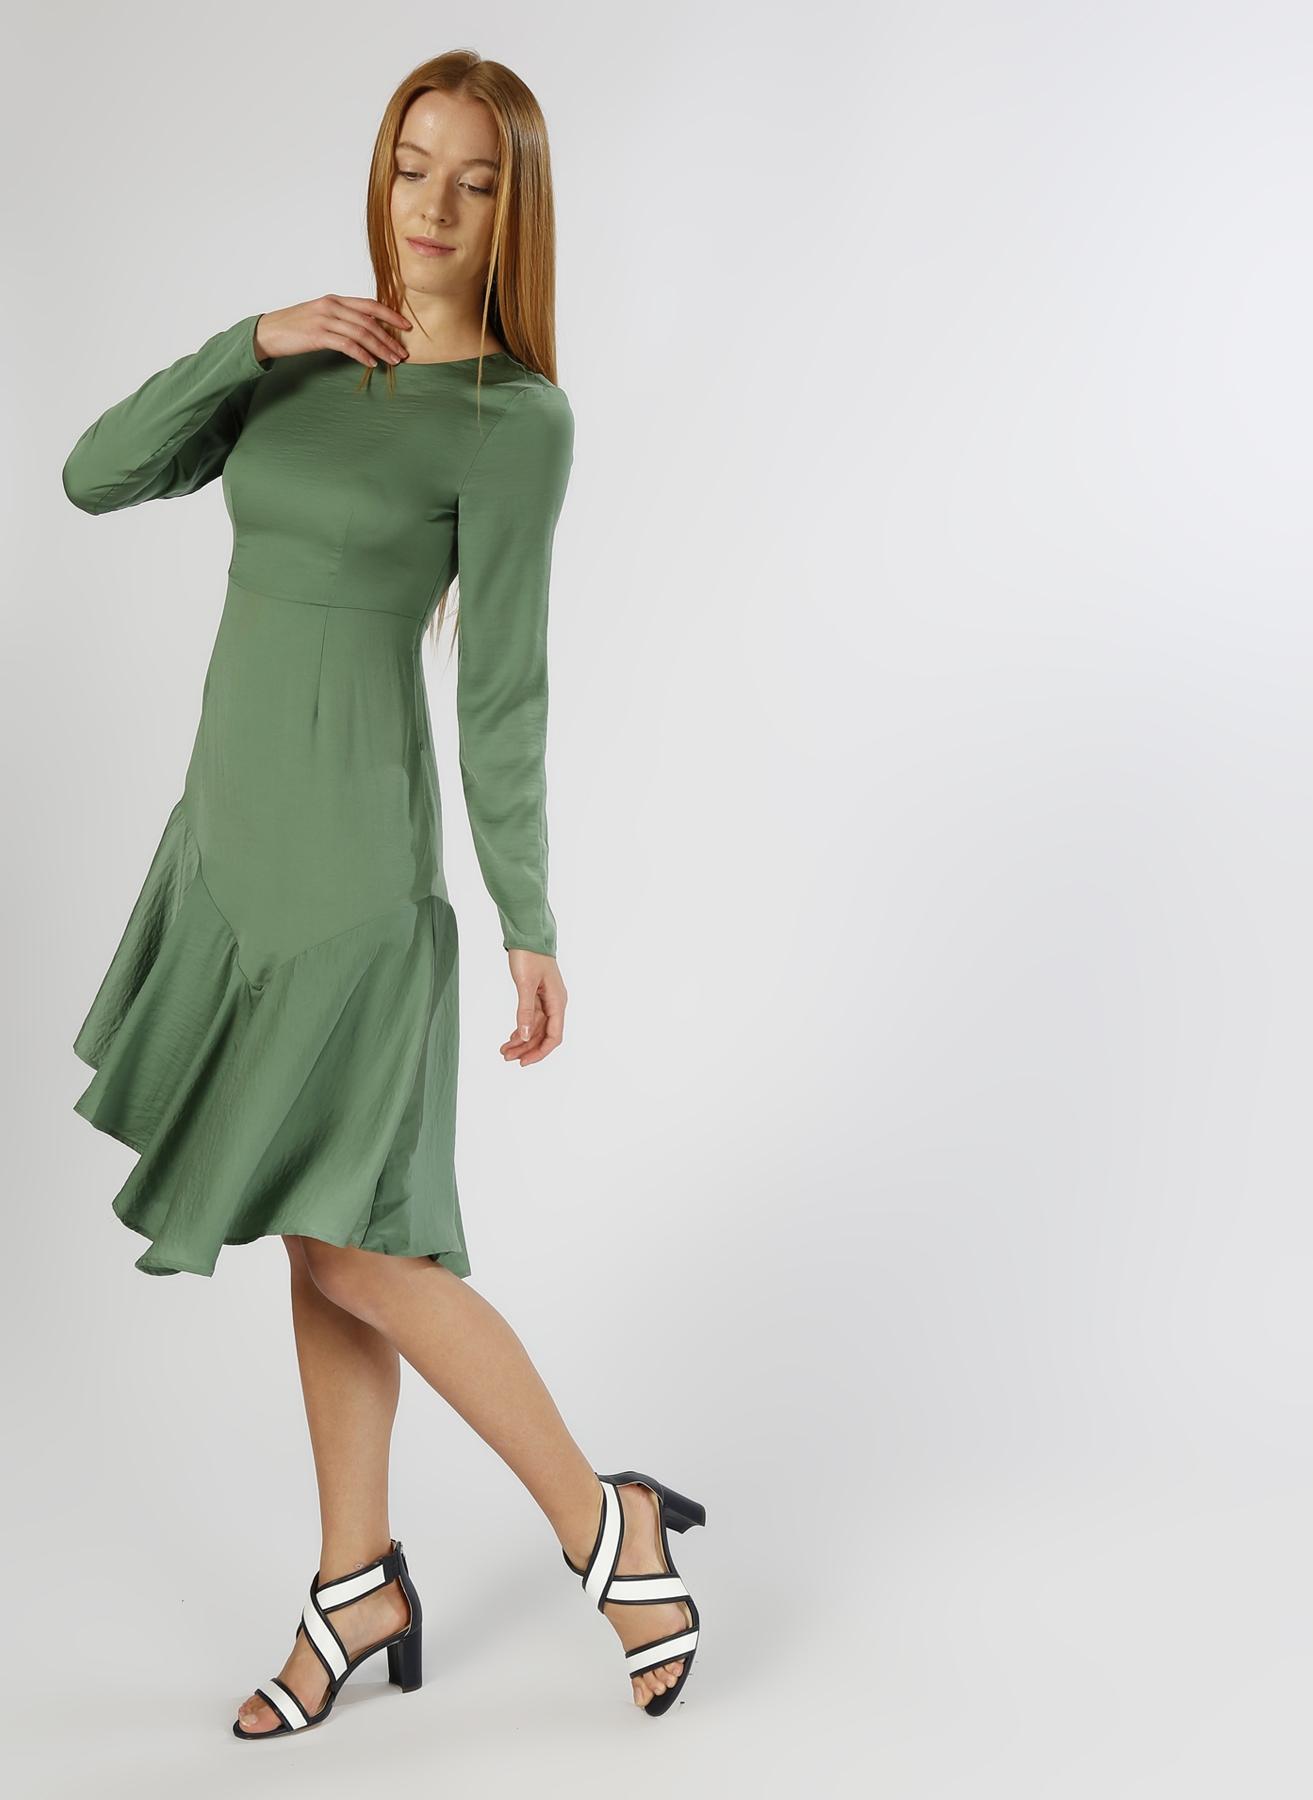 Vero Moda Asimetrik Yeşil Elbise L 5000196081001 Ürün Resmi